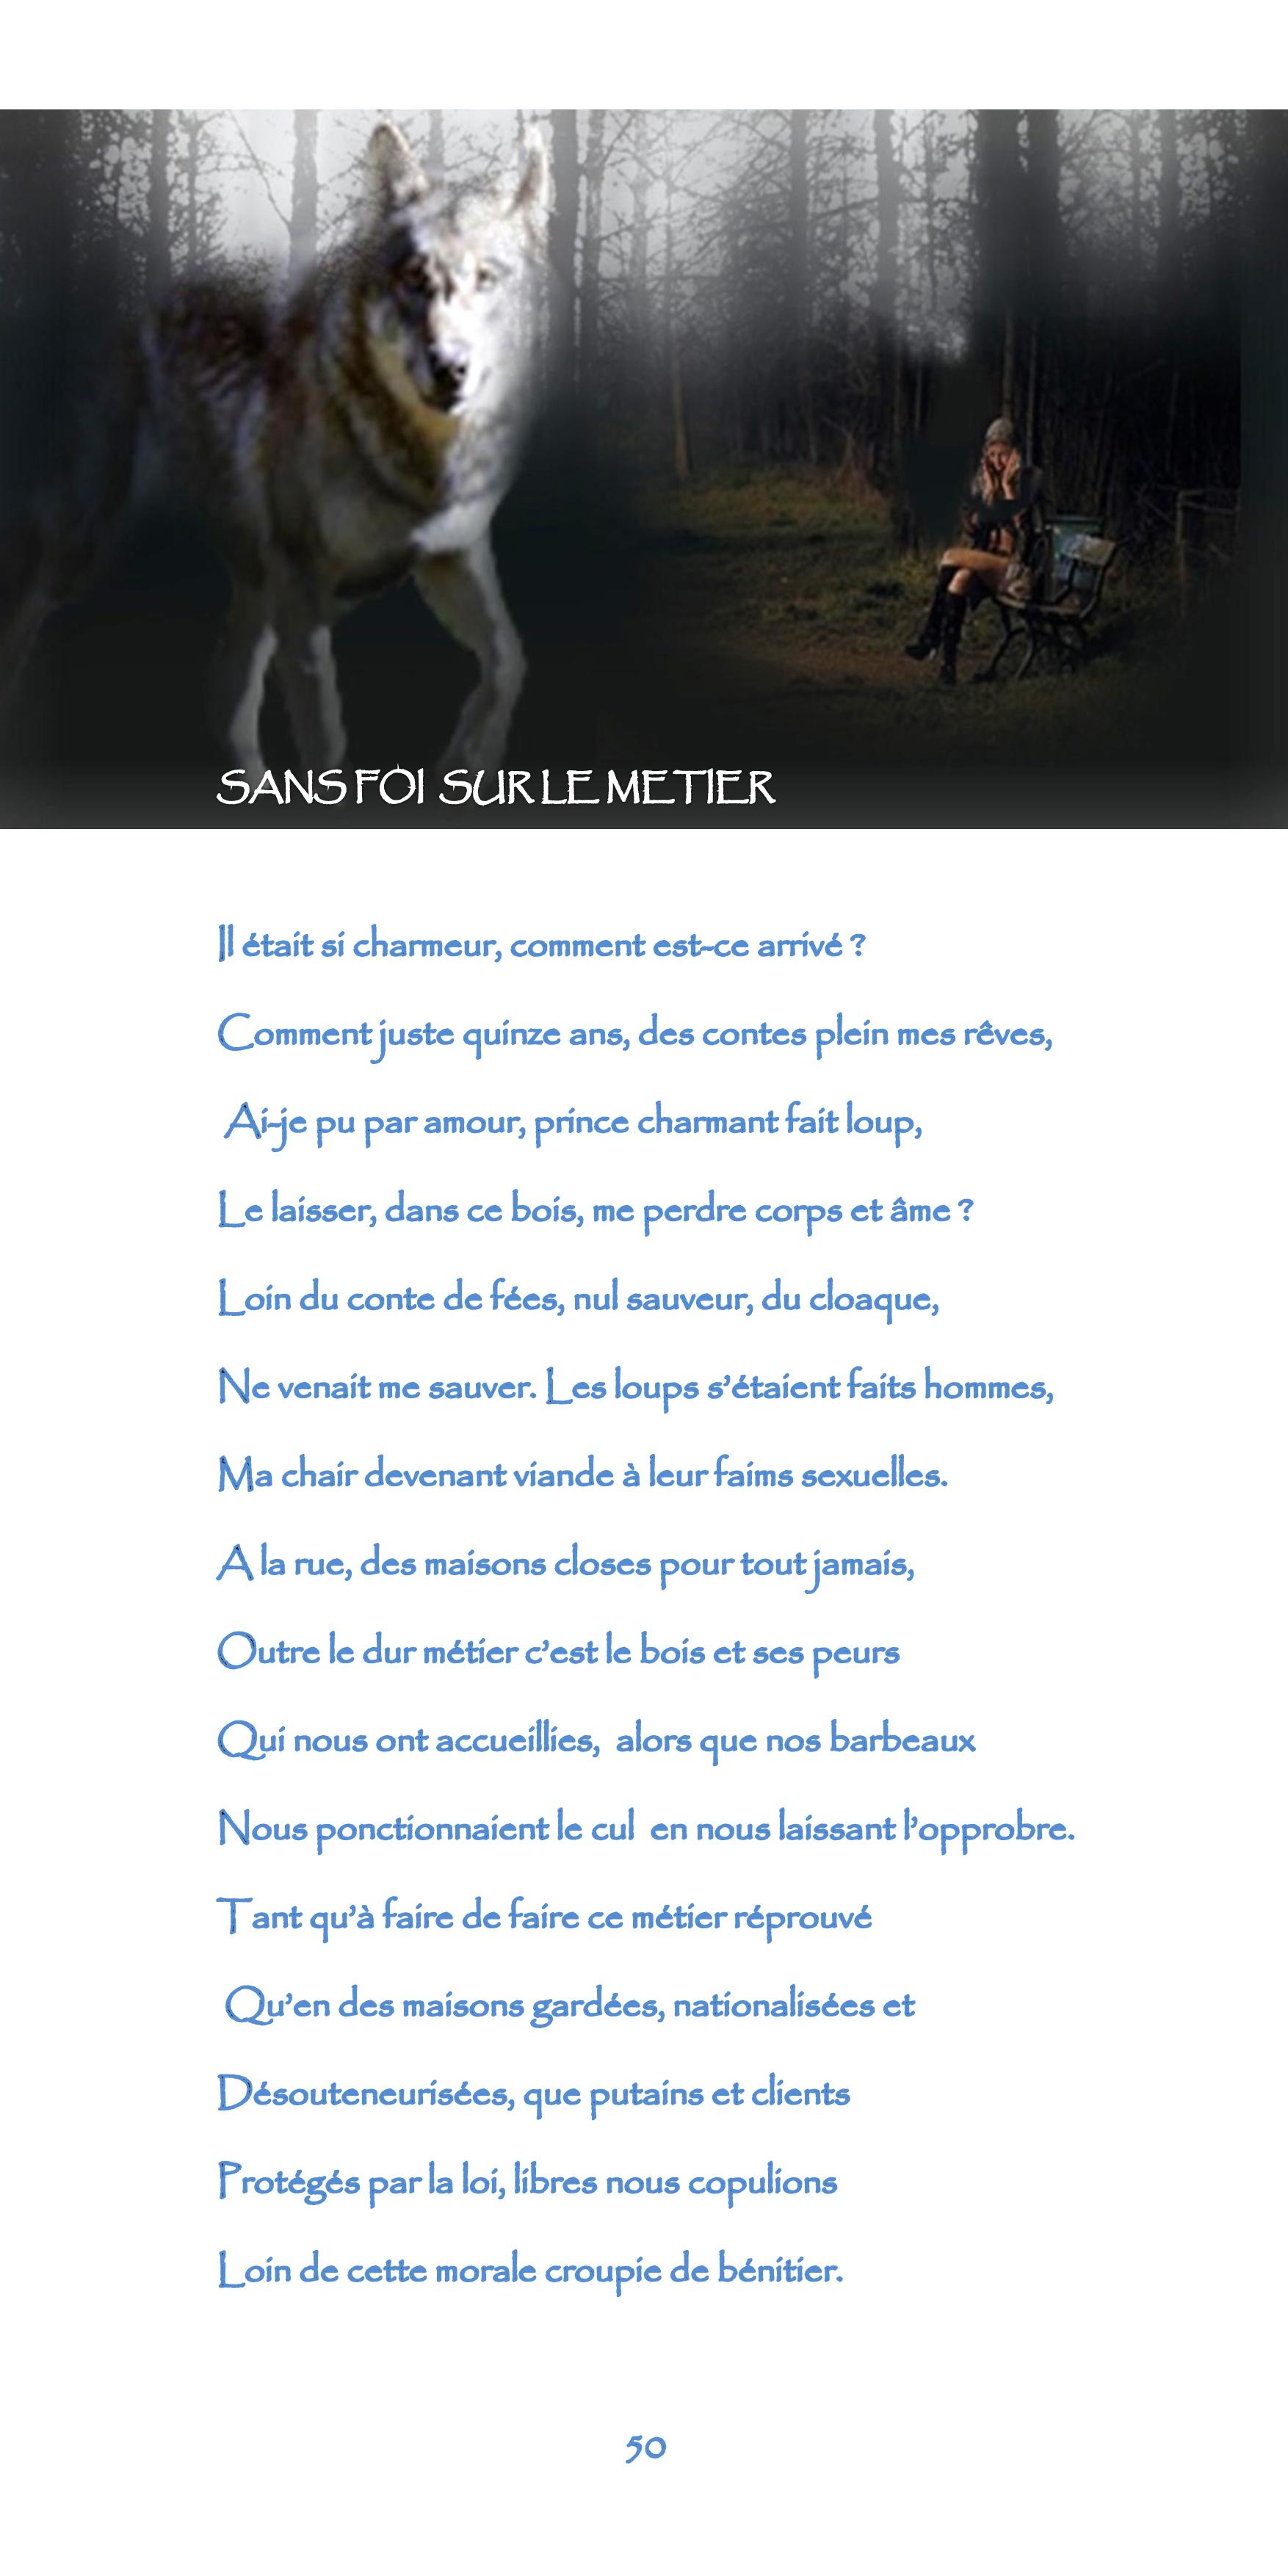 50-nègre_bleu-cent_fois_sur_le_métier.jpg